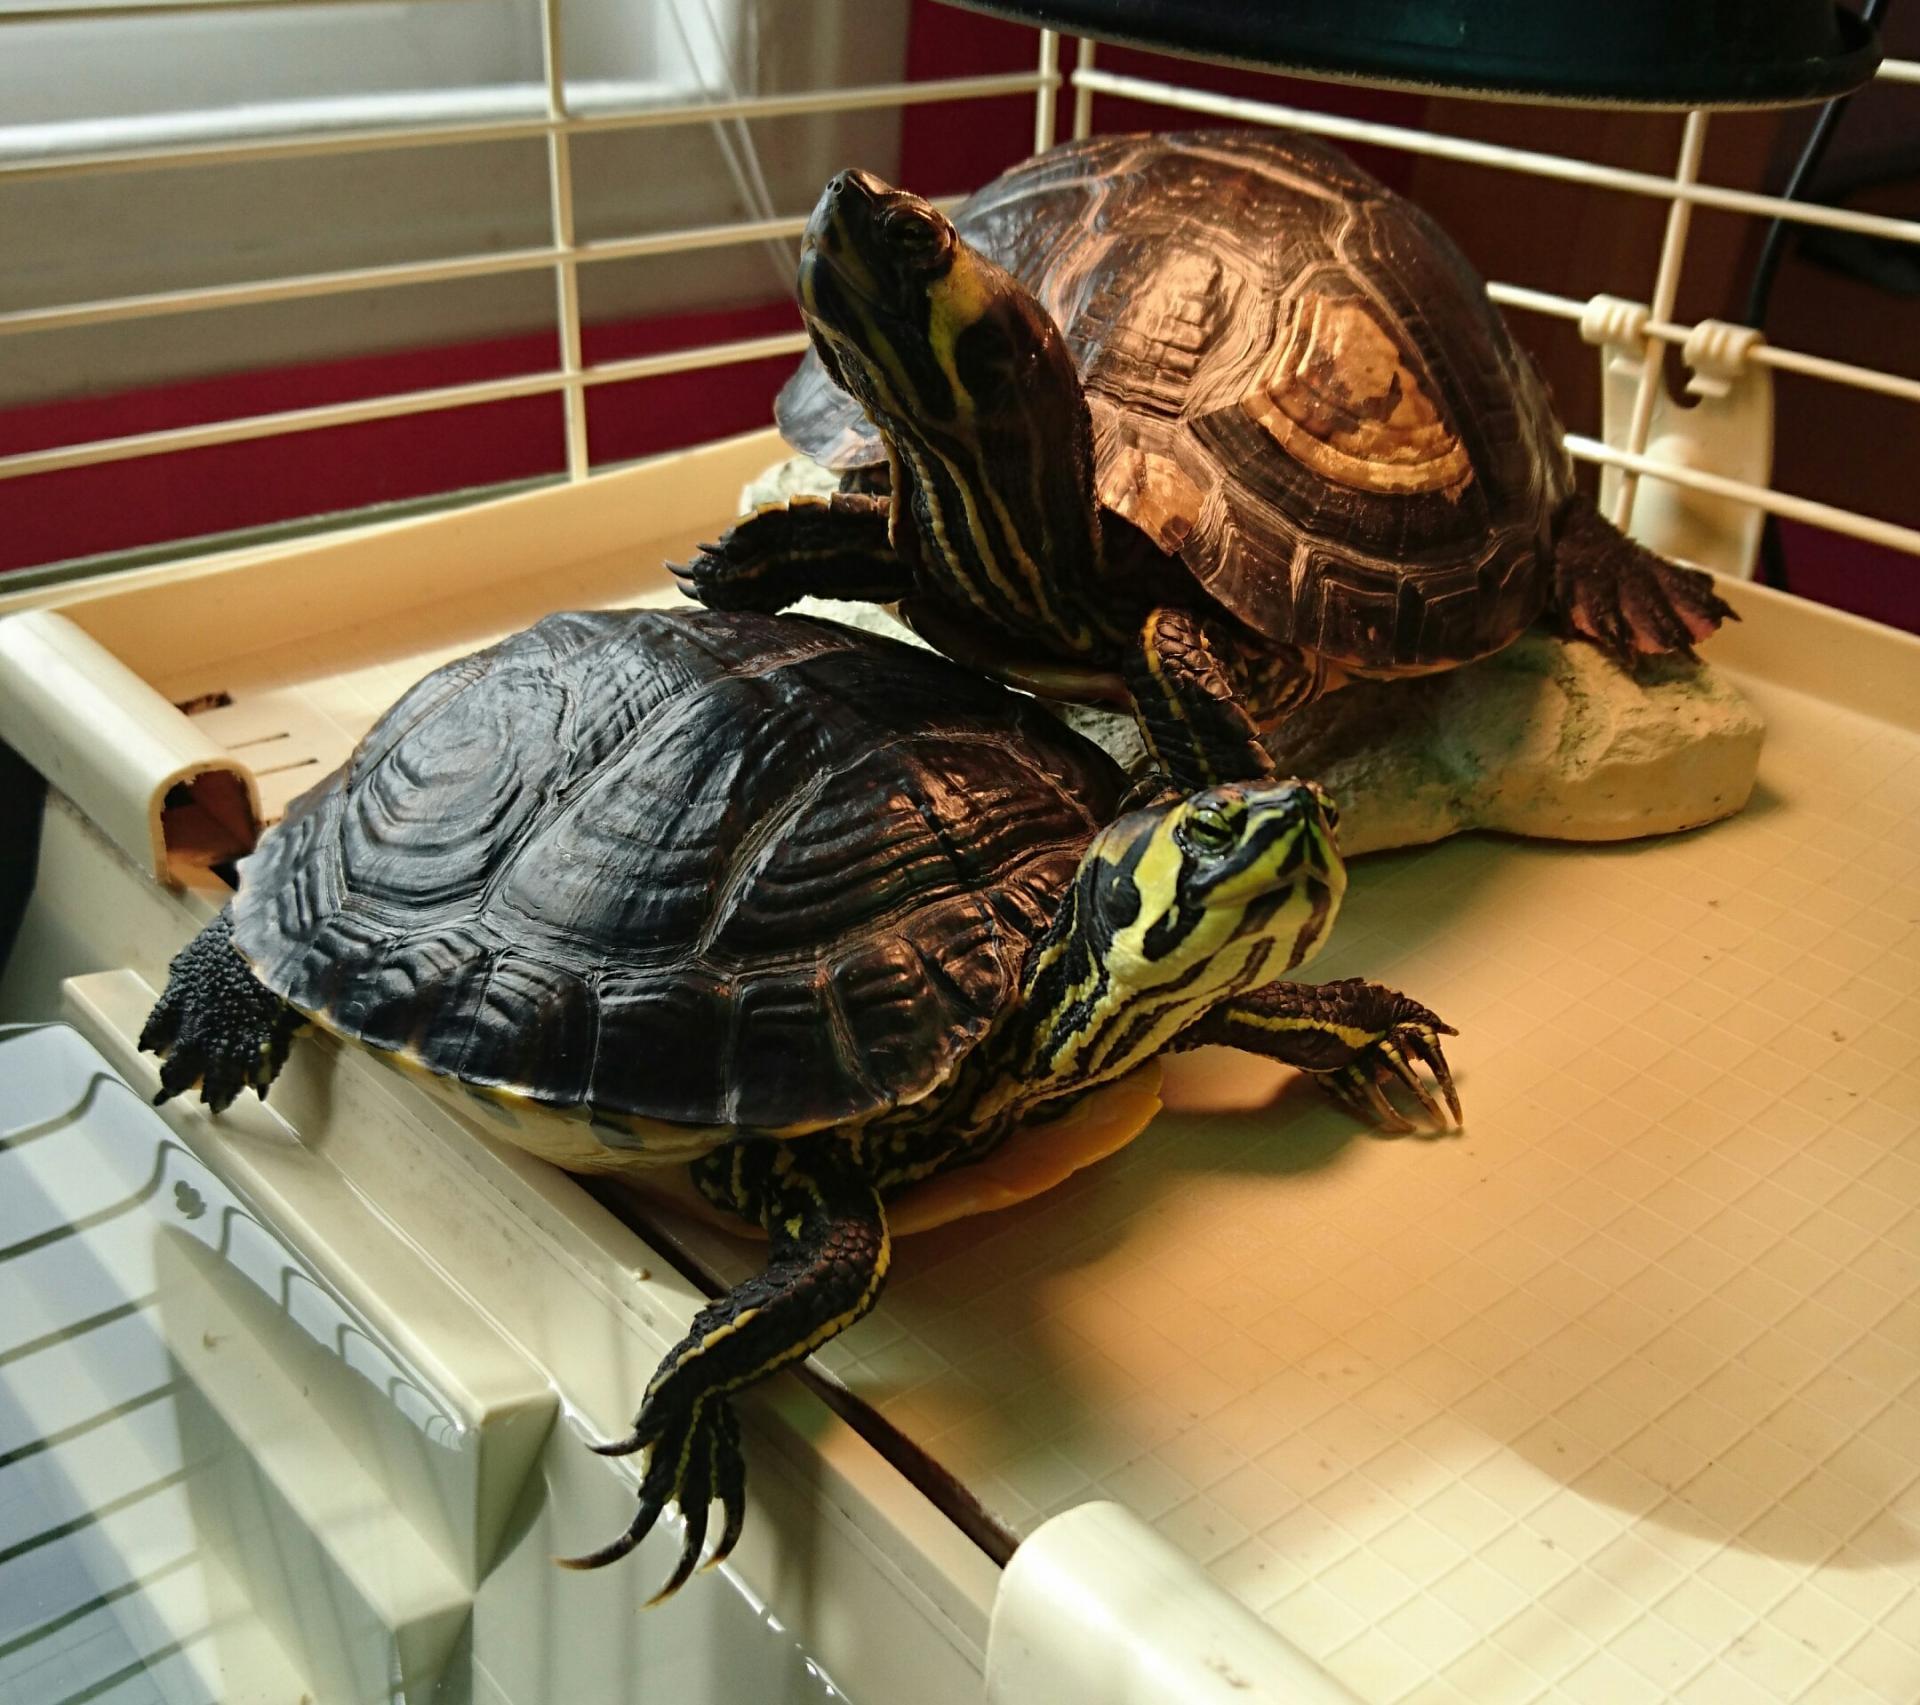 cohabitation et reproduction des tortues d 39 eau. Black Bedroom Furniture Sets. Home Design Ideas